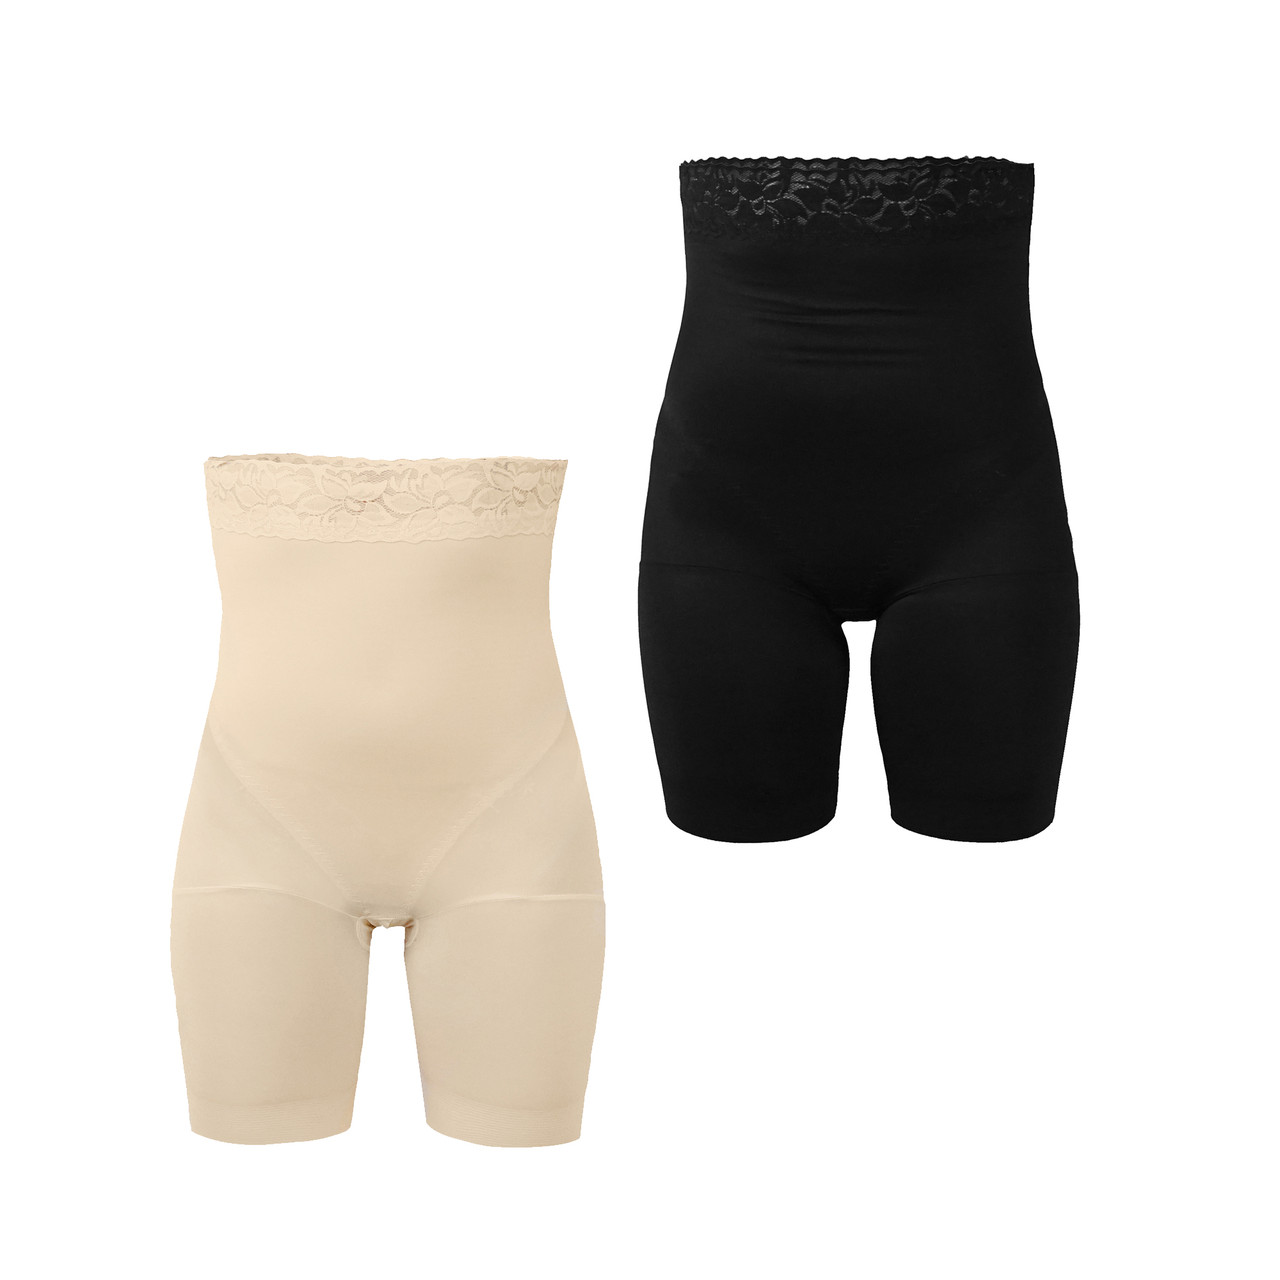 Набор белья для коррекции фигуры, шорты корректирующие с высокой посадкой, 2 шт Черный и Бежевый, размер S